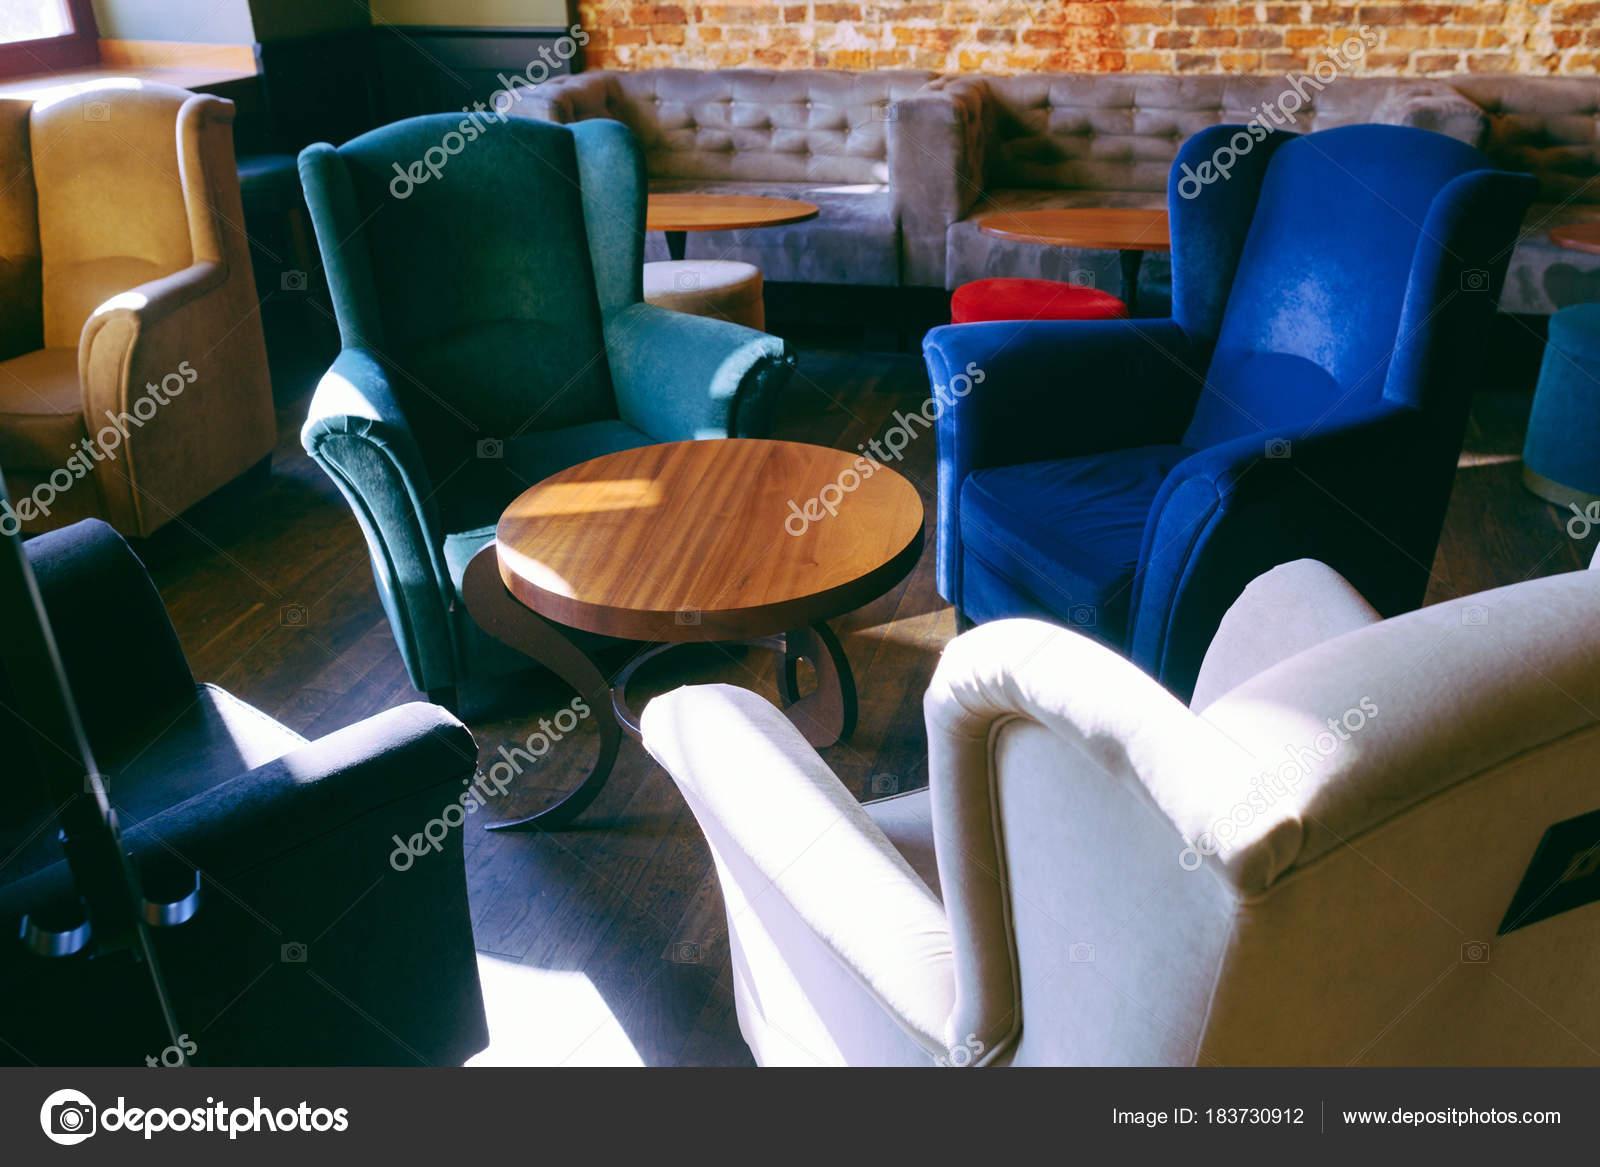 Haus Stühle Interieur Gemütliche Kaffee Und Stockfoto Tische Yiyfg6vb7